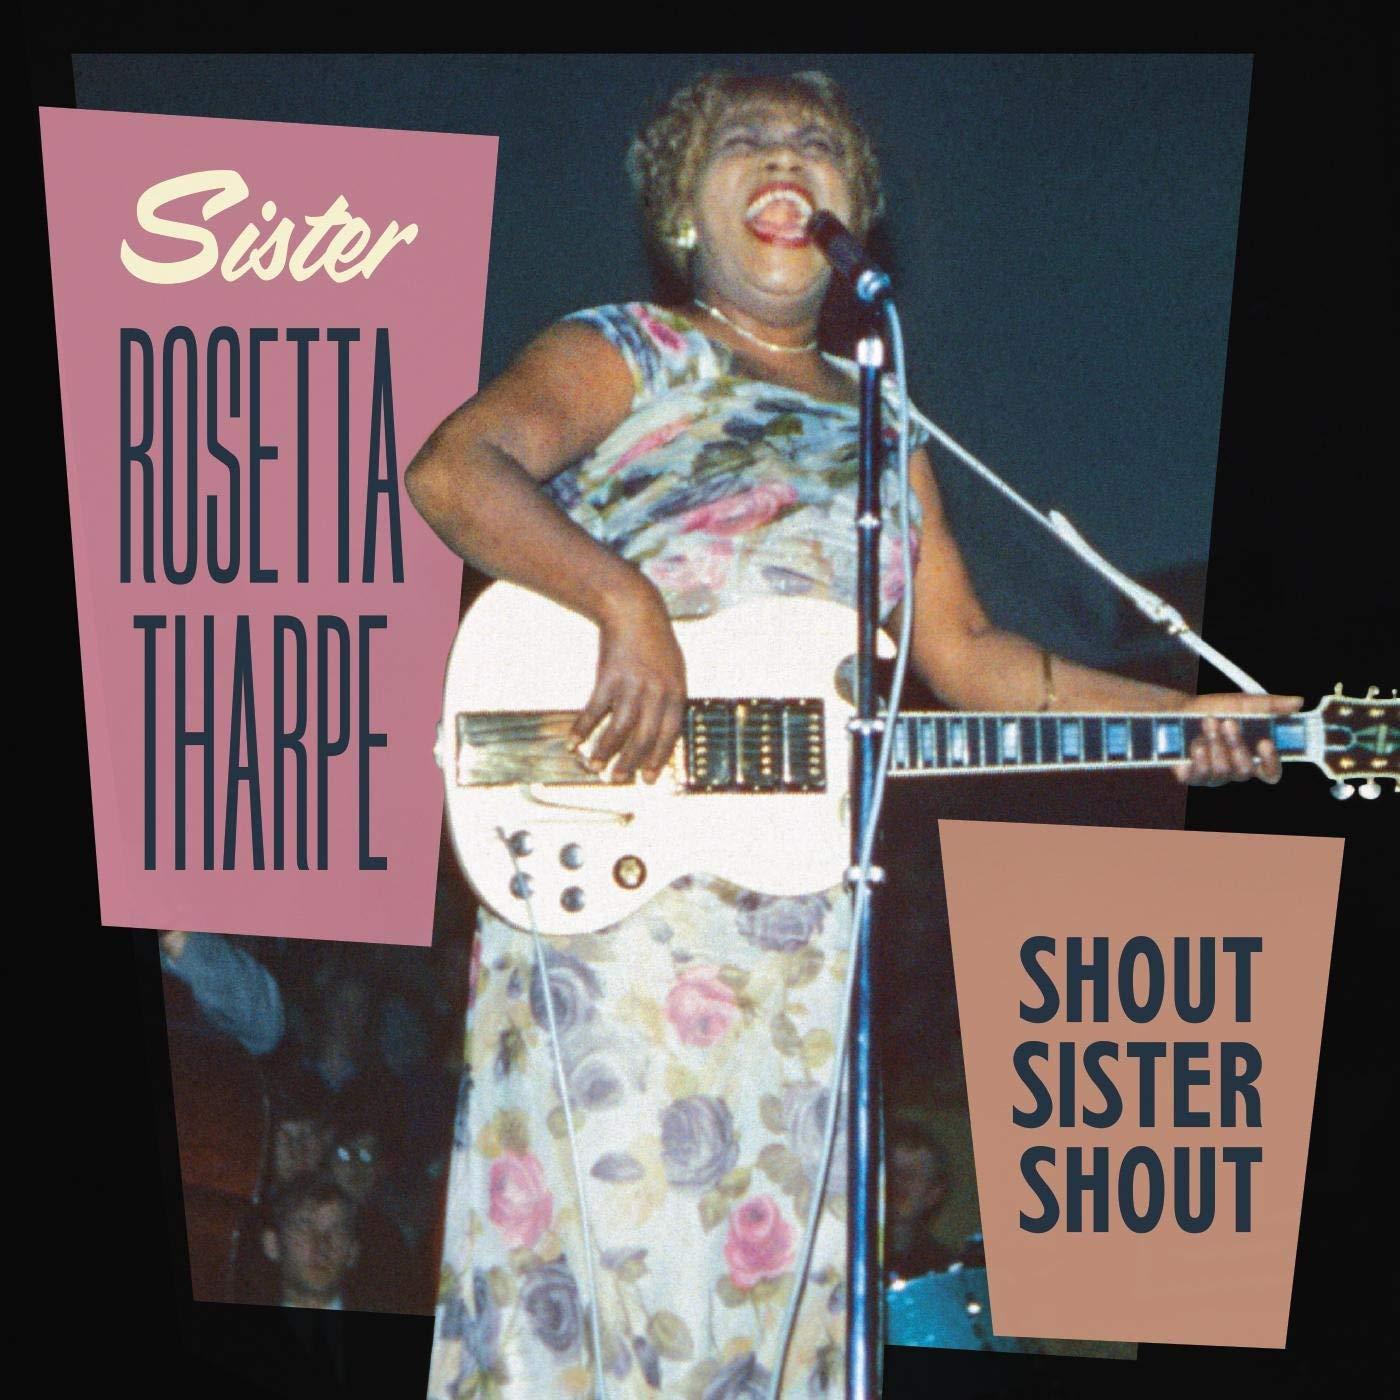 Sister Rosetta Tharpe - Shout Sister Shout